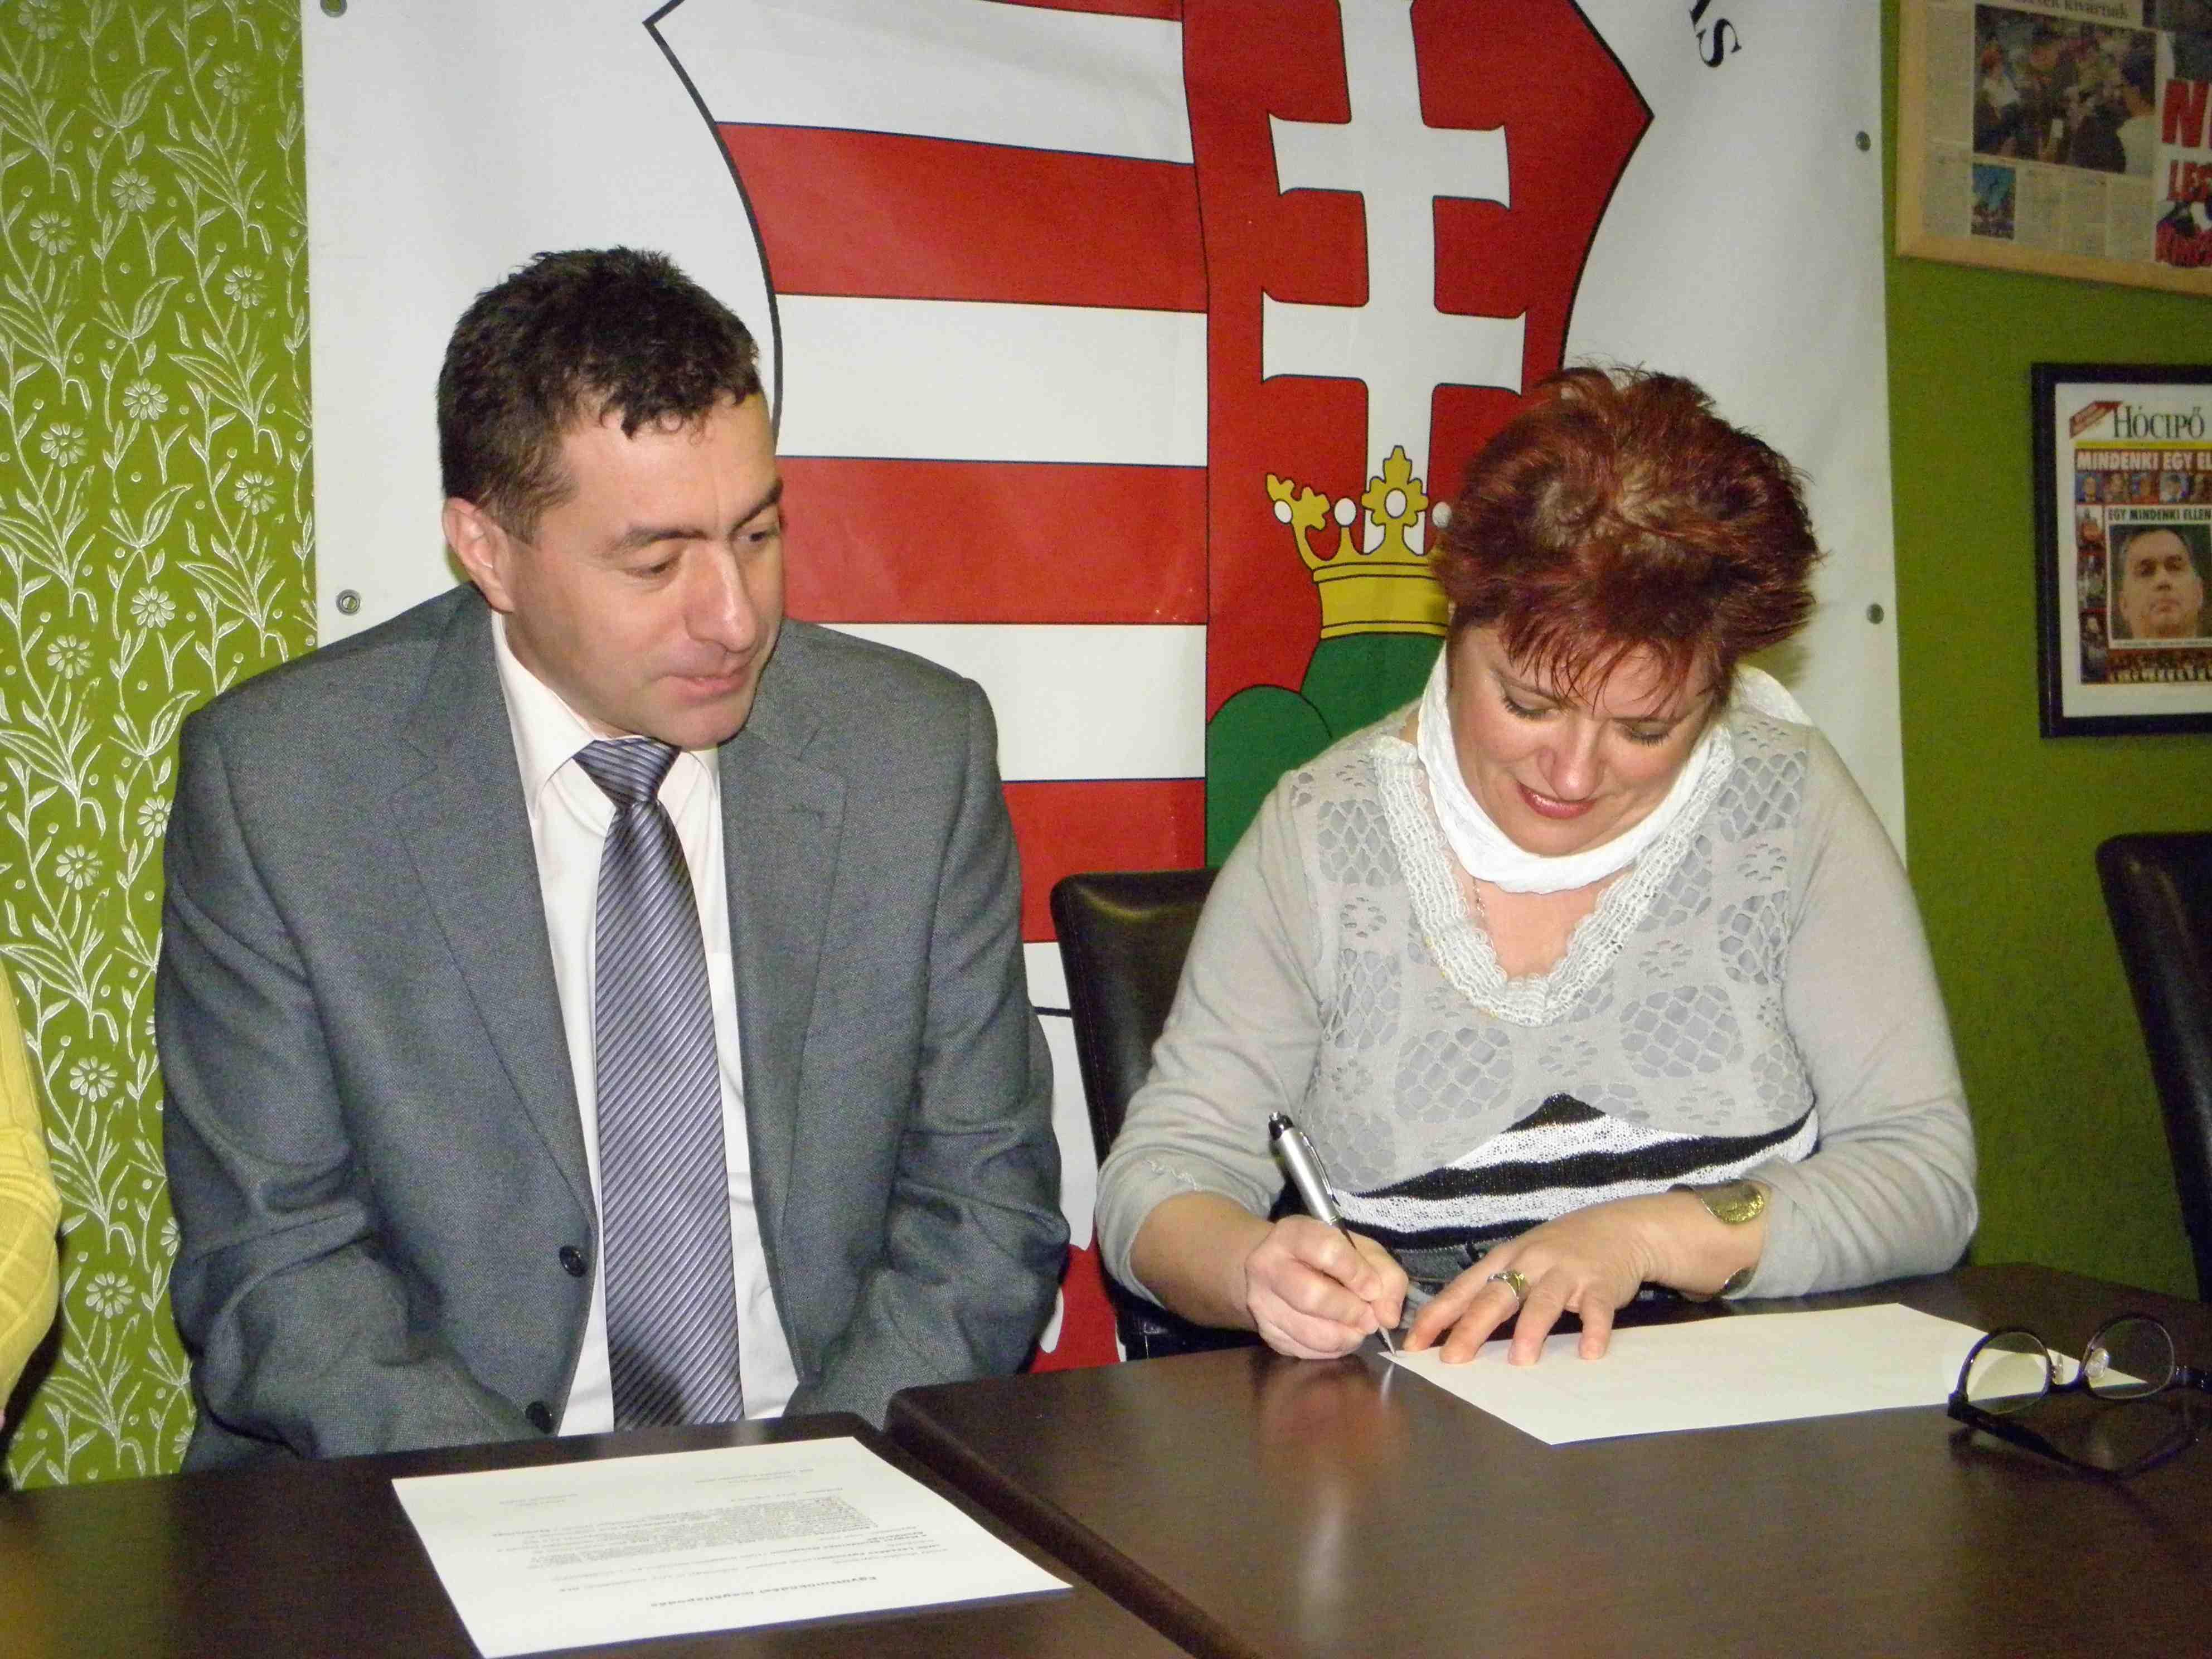 A Nők Lázadása Egyesület és a Magyar Szolidaritás Mozgalom együttműködési megállapodást kötött